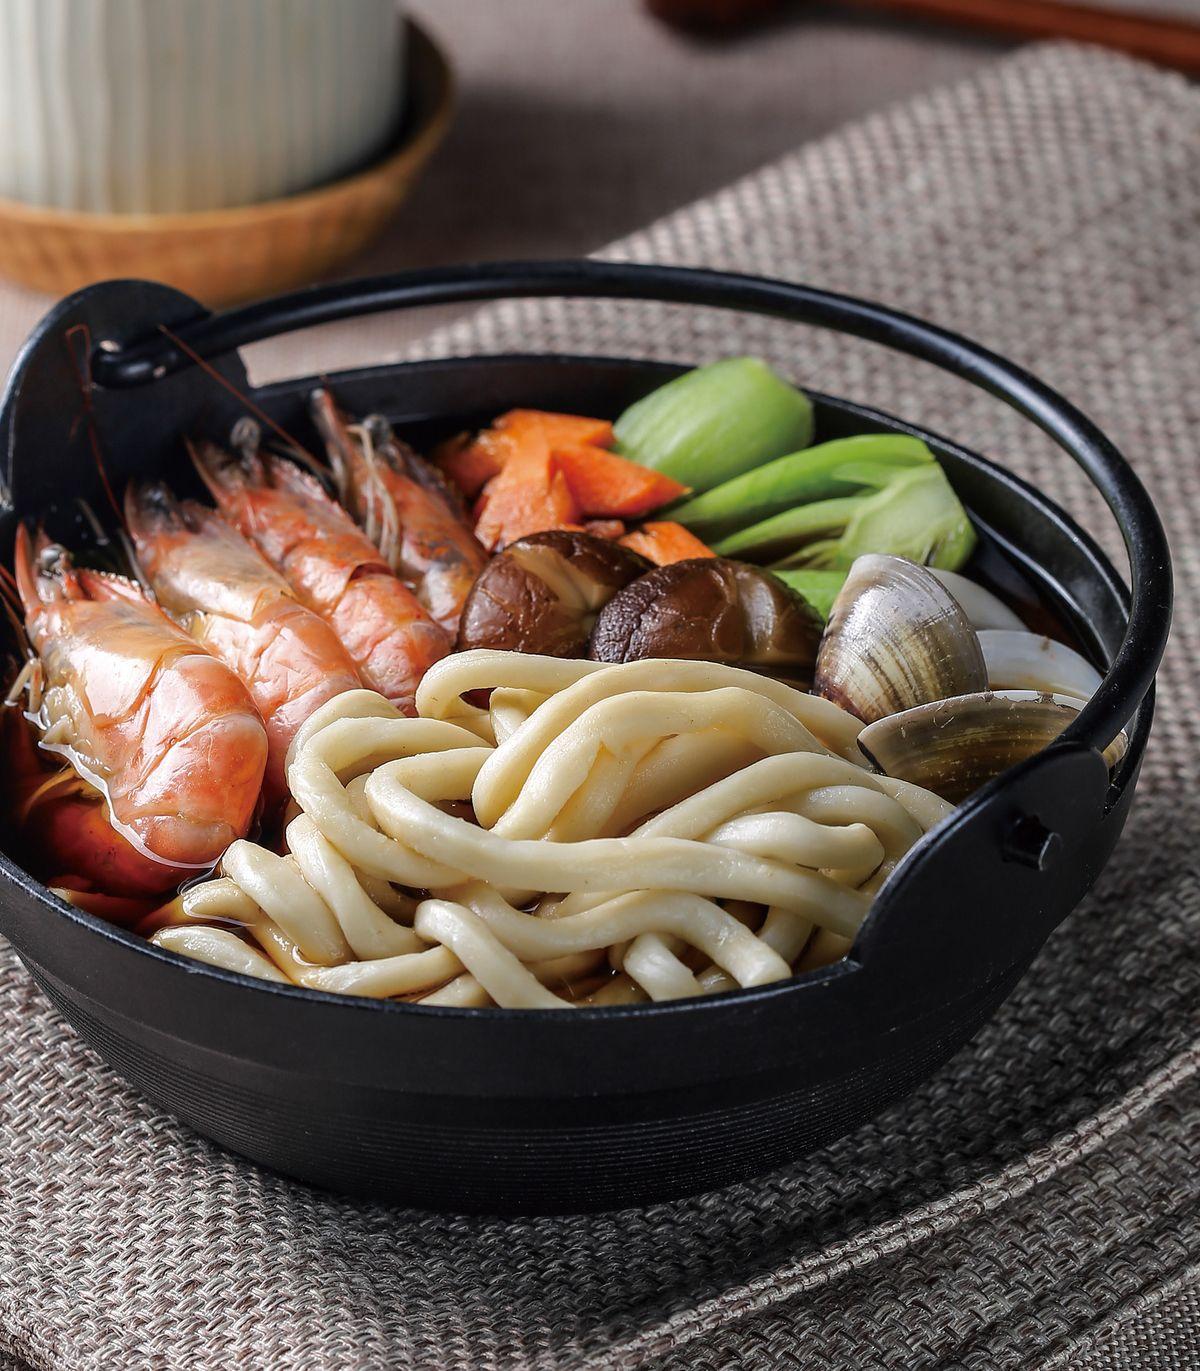 食譜:海鮮烏龍湯麵